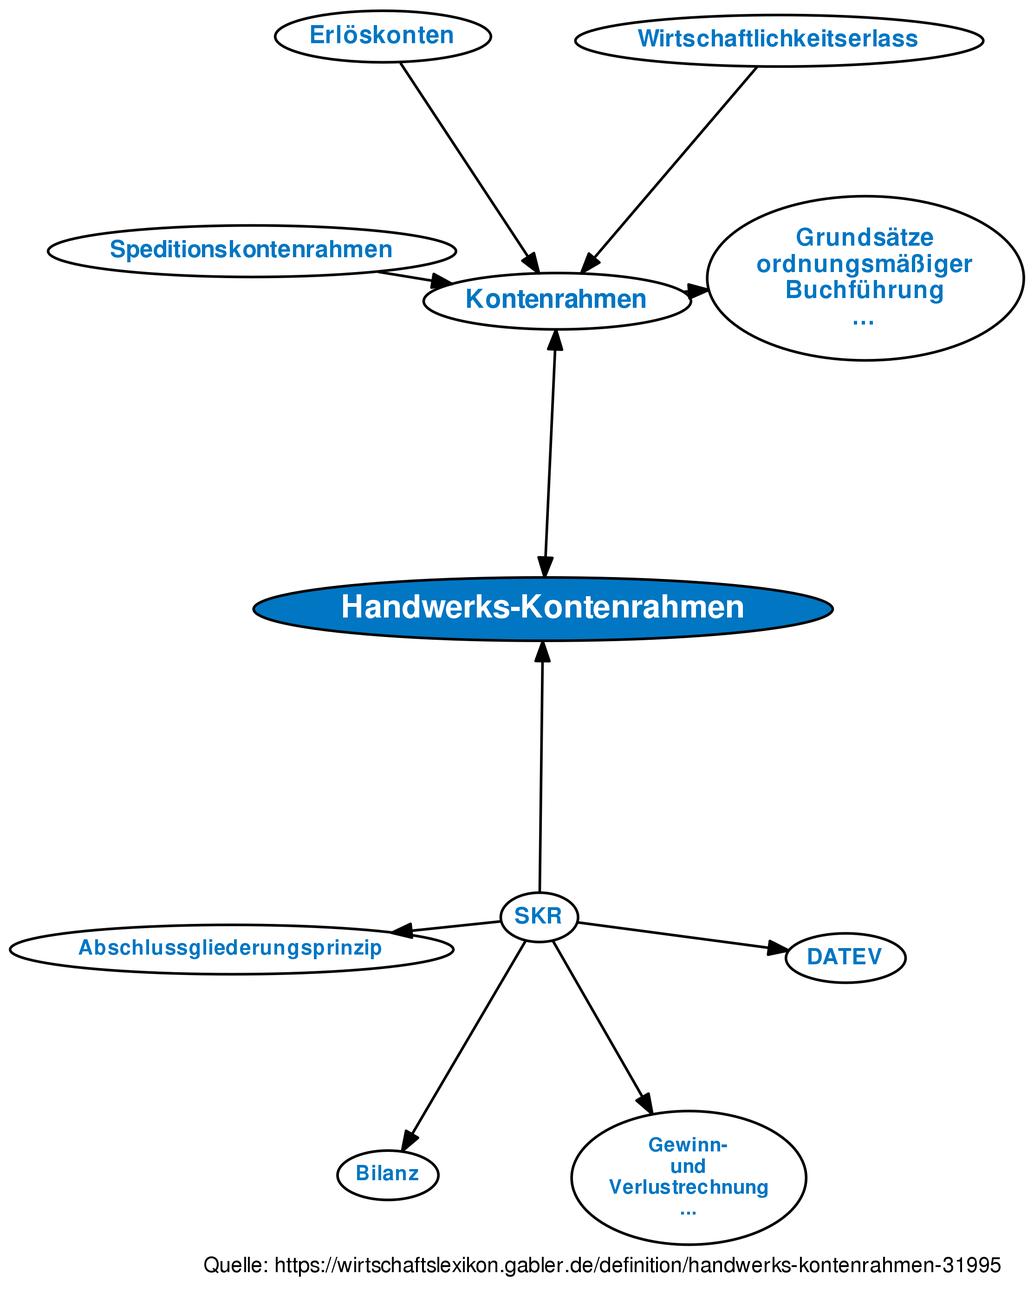 Definition »Handwerks-Kontenrahmen | Gabler Wirtschaftslexikon Online